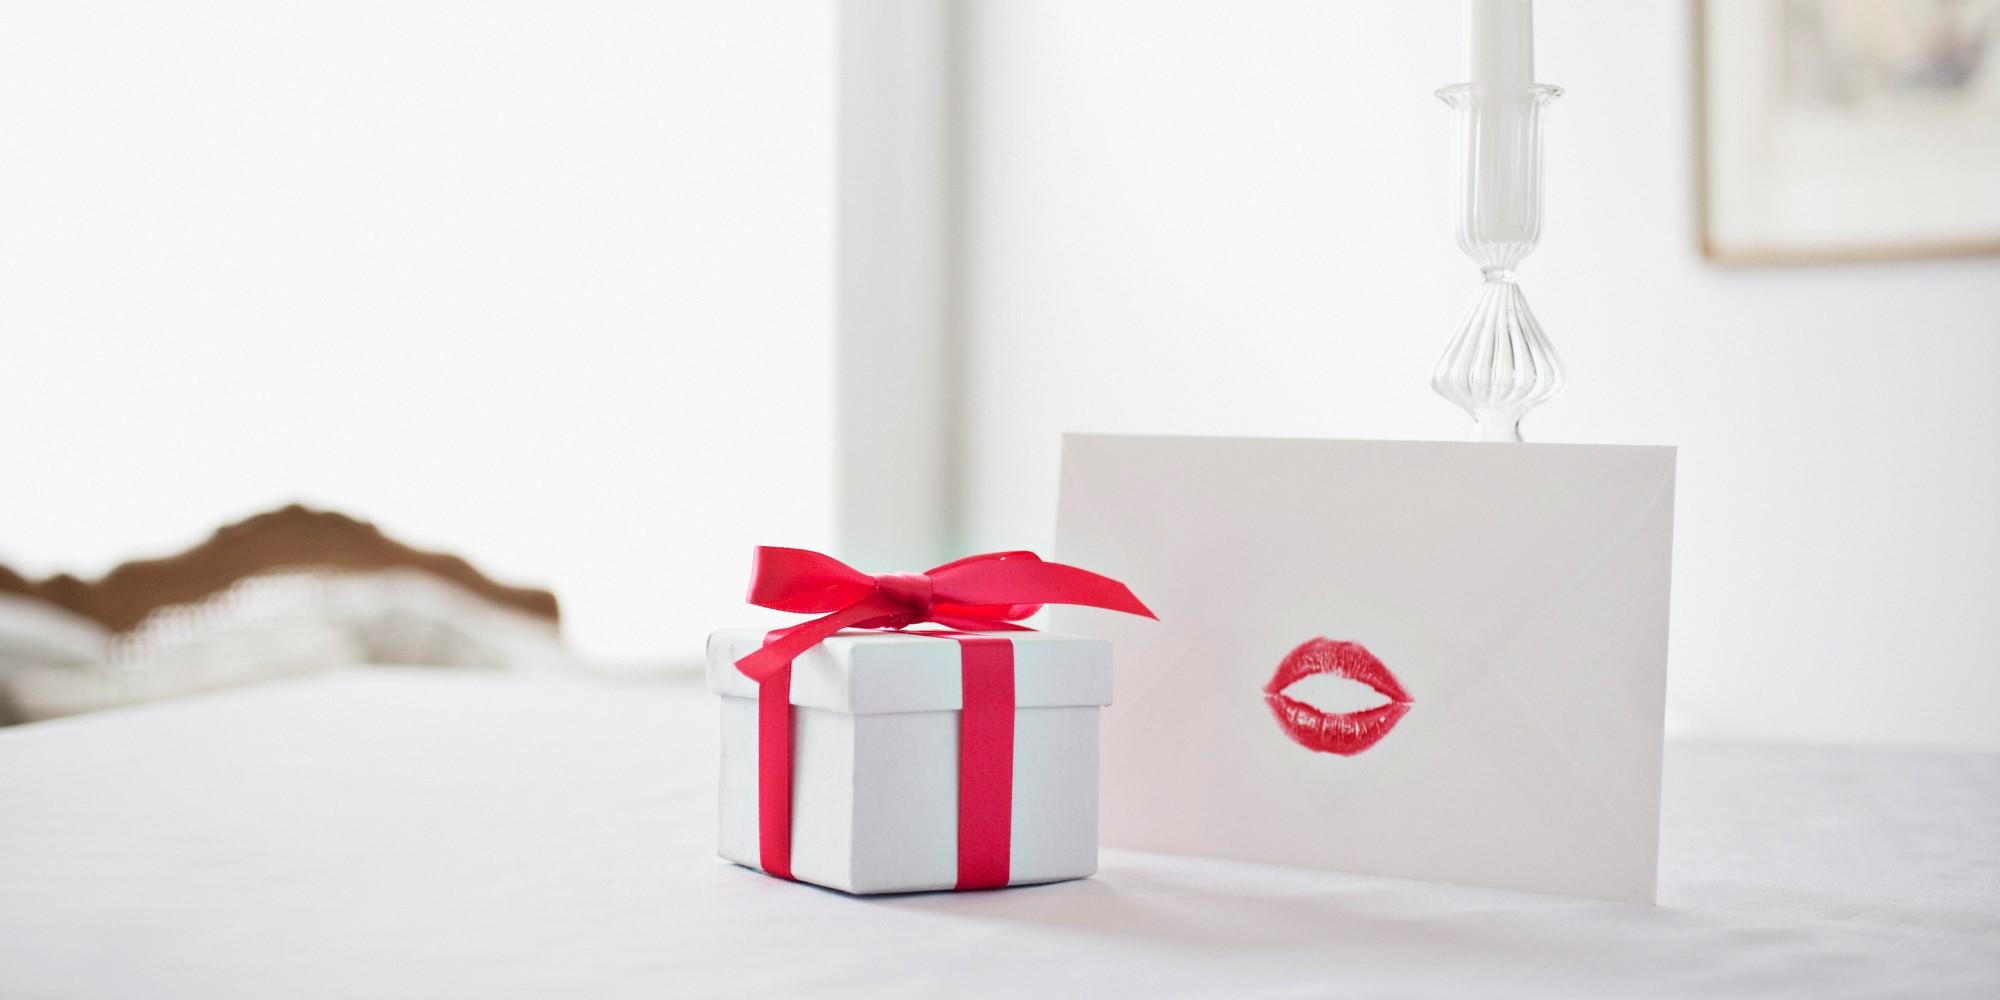 Boîte cadeau pour la Saint-Valentin fabriqué en carton.